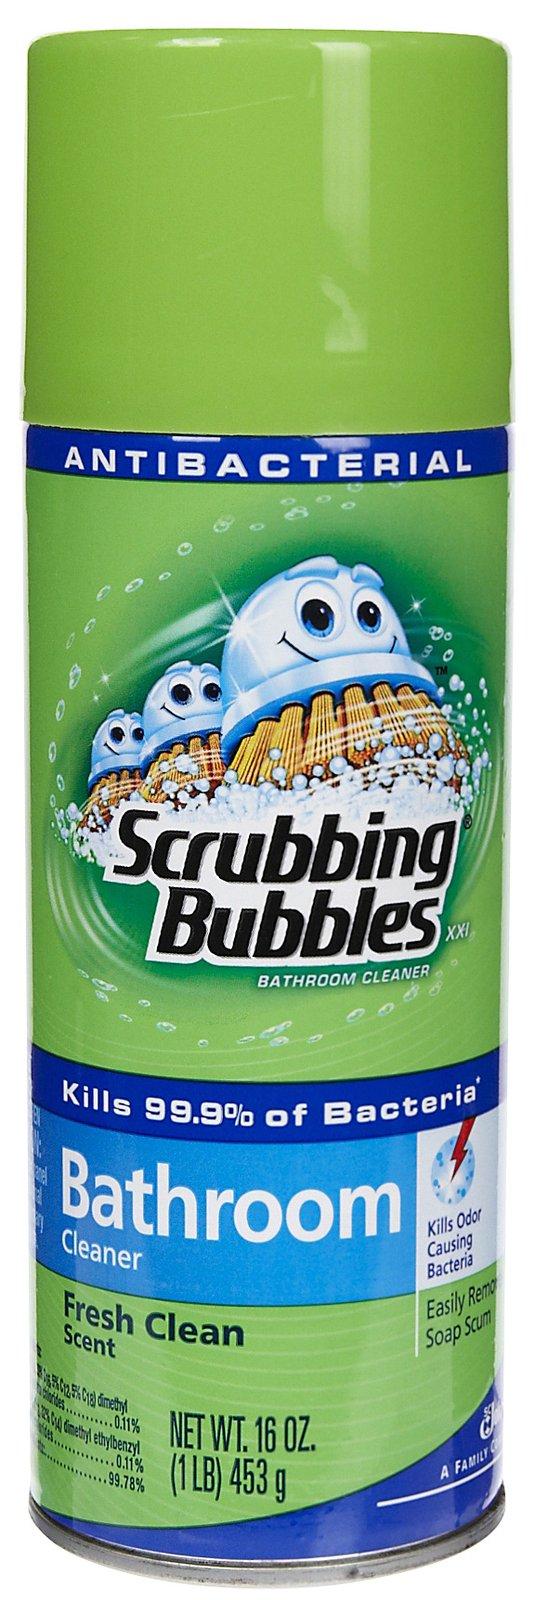 Scrubbing-Bubbles-Cleaner